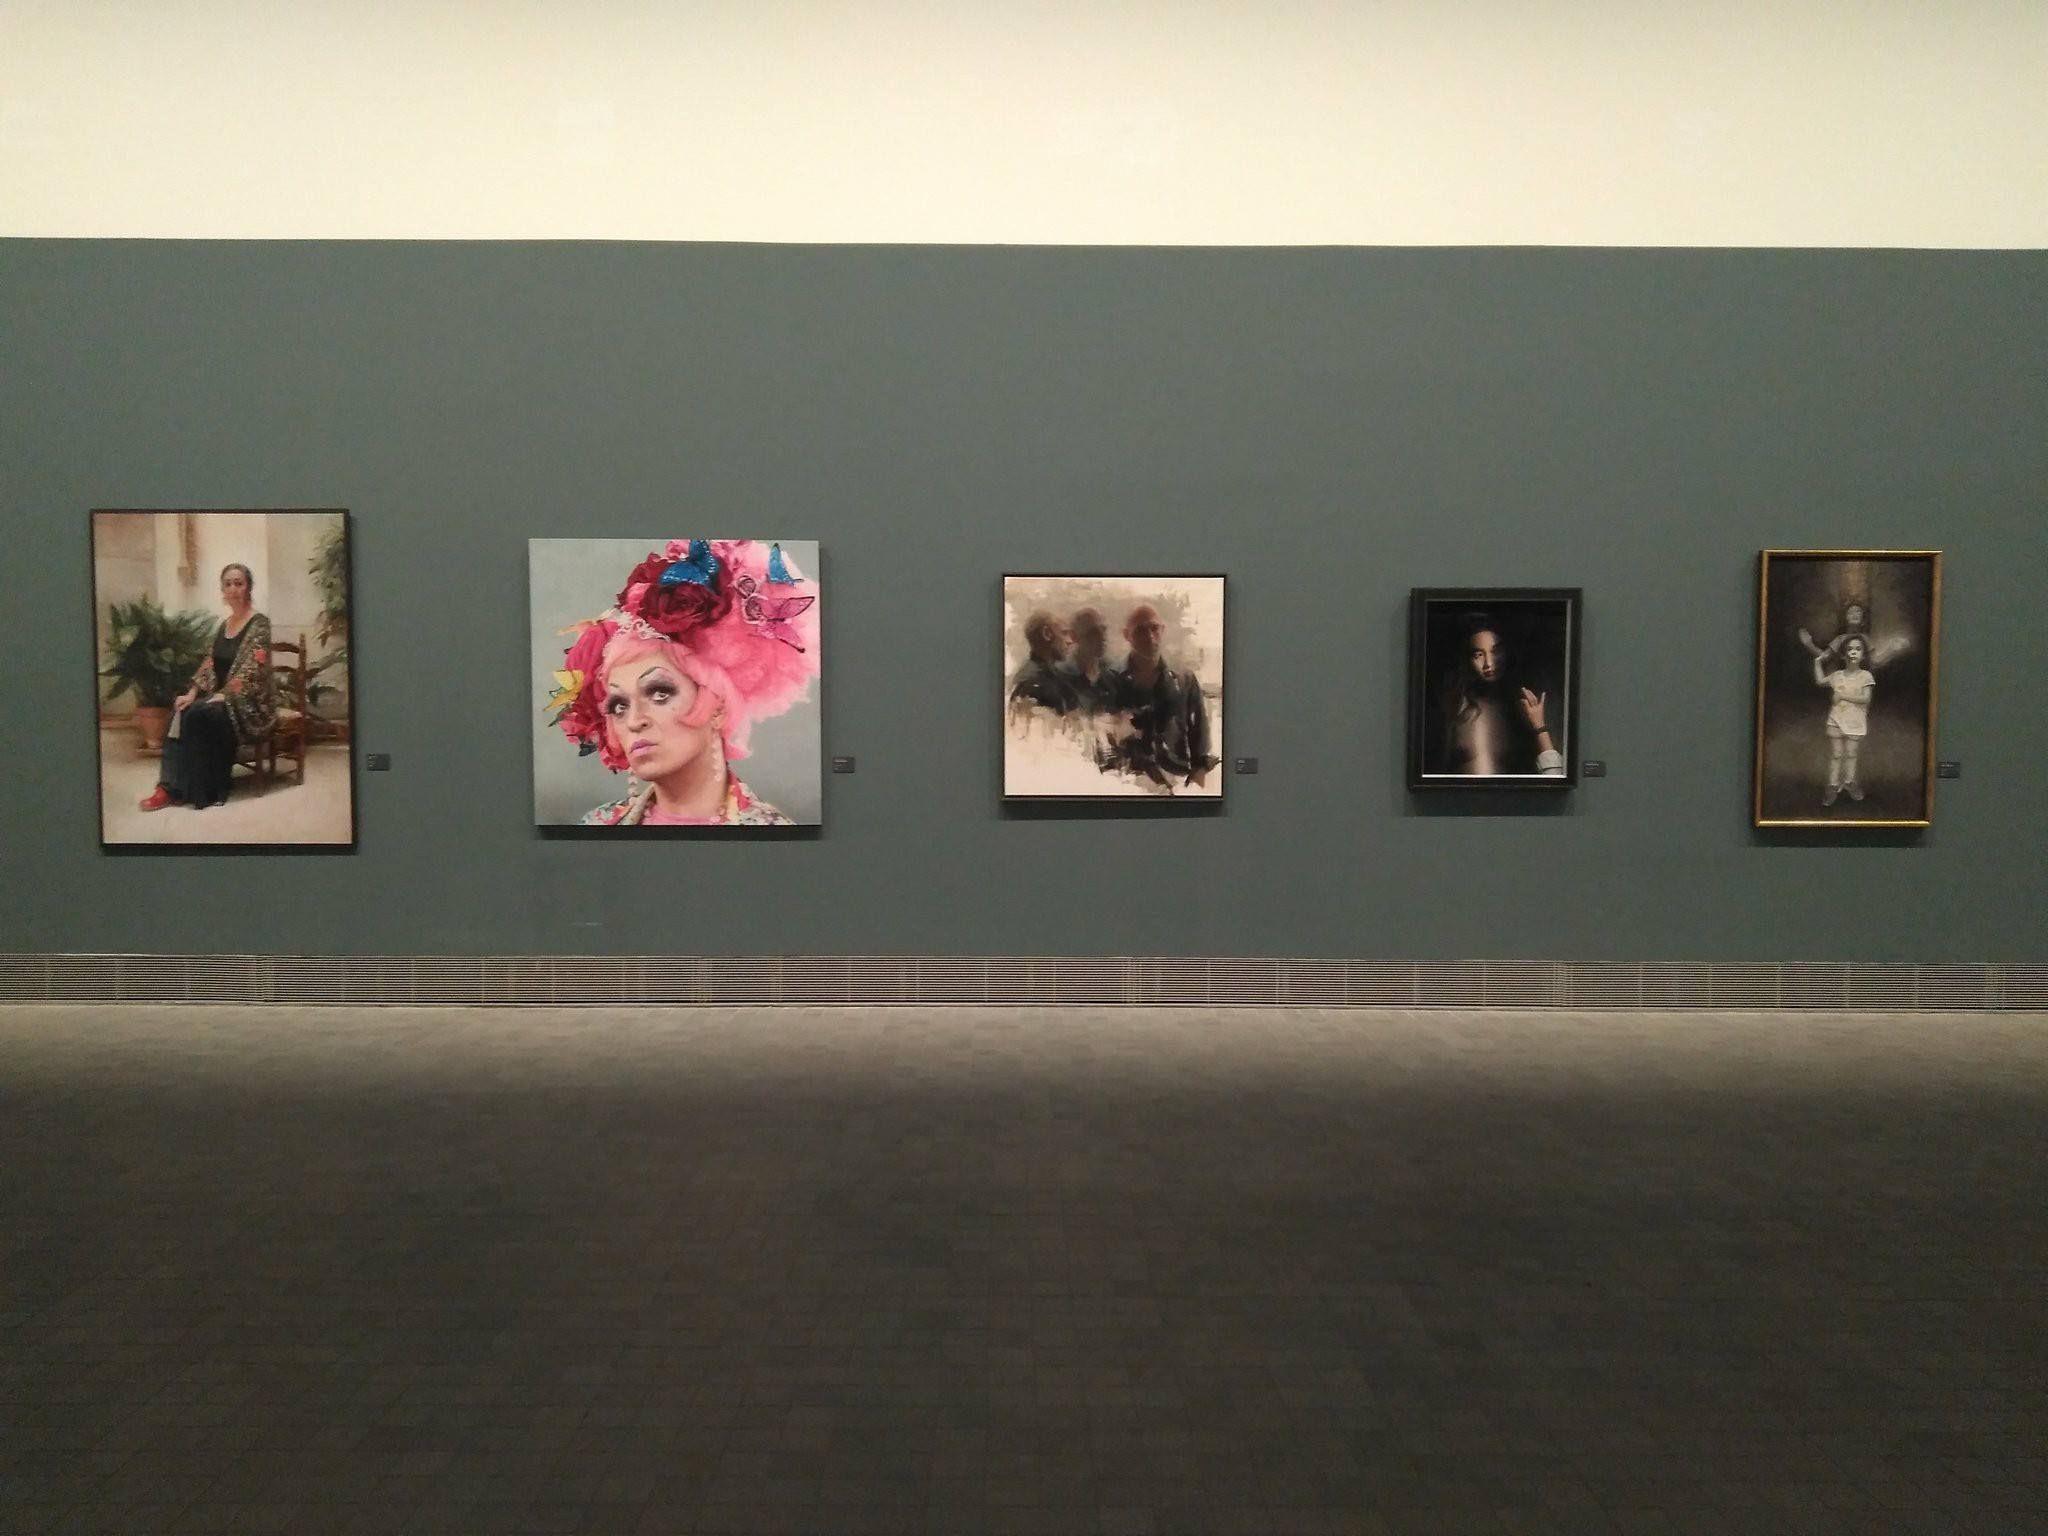 El Iaacc Pablo Serrano Acoge Hasta El Próximo 17 De Junio La Exposición Modportrait 2017 Pintura Realis Pinturas Realistas Exposiciones Que Hacer En Zaragoza